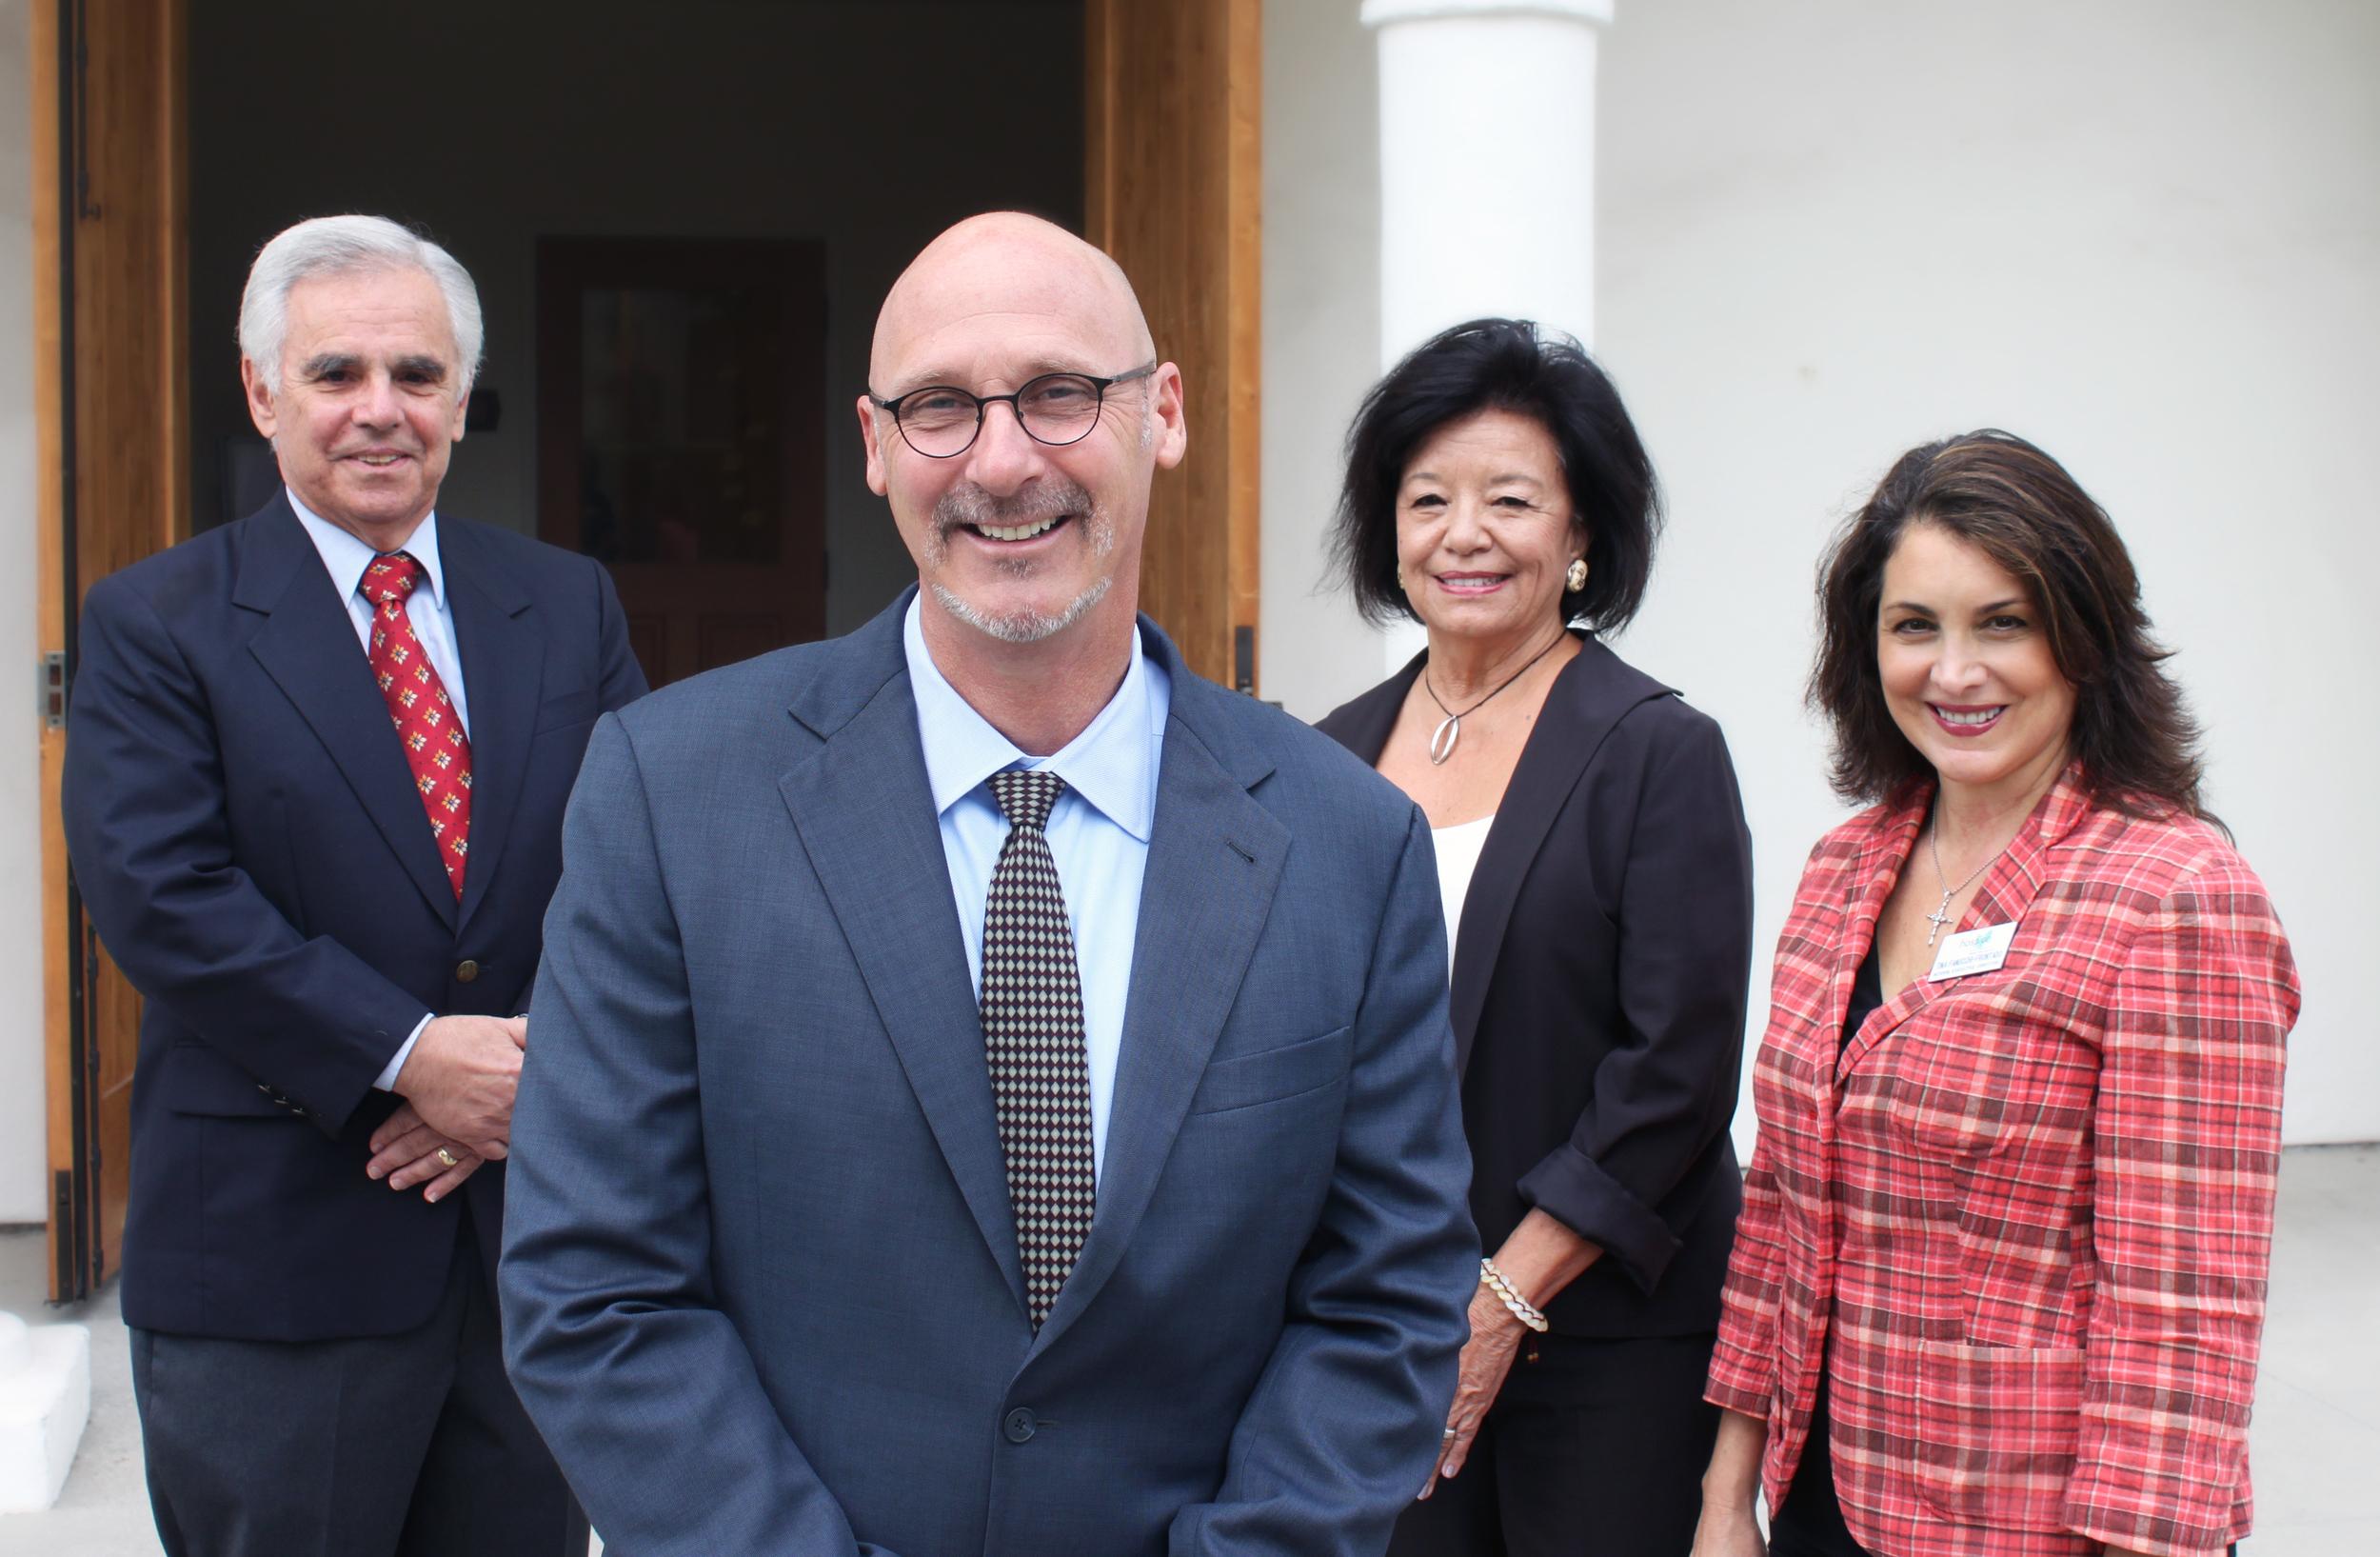 Sam Capra, Board President, David Selberg, Evie Vesper,Tina Fanucchi Frontado, Interim Chief Executive Officer